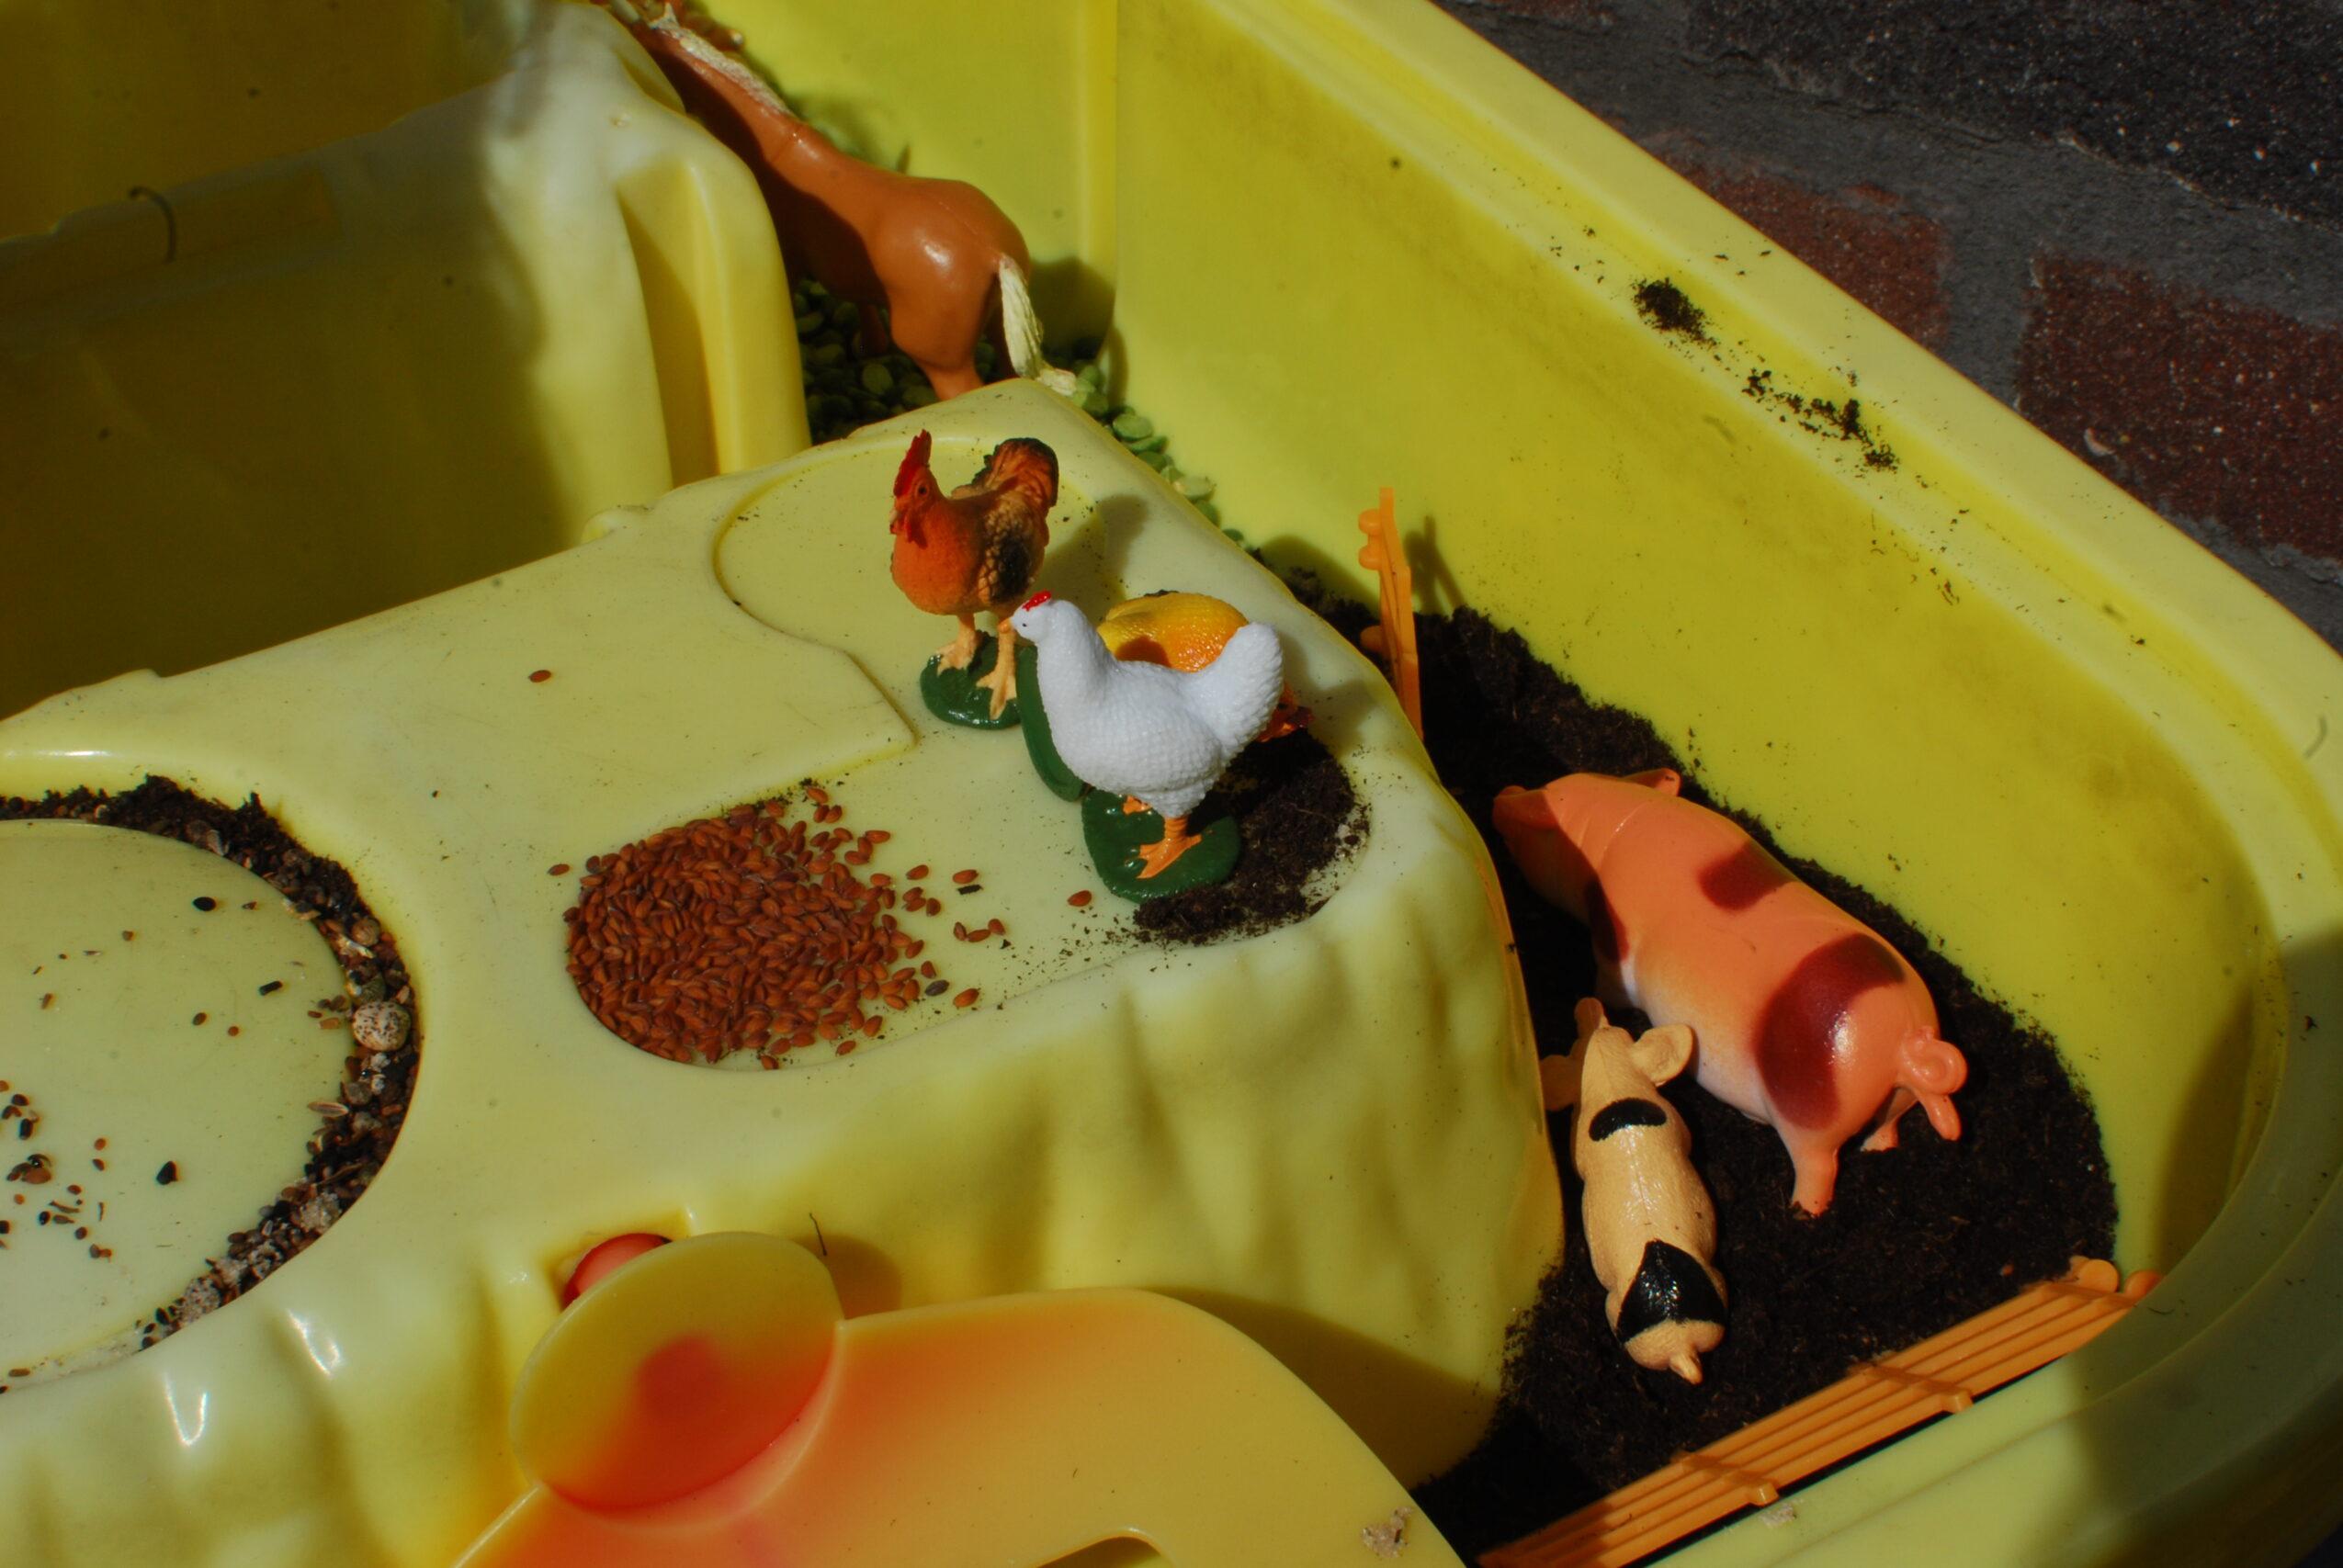 Varkens in de modder. Kippen krijgen voer.